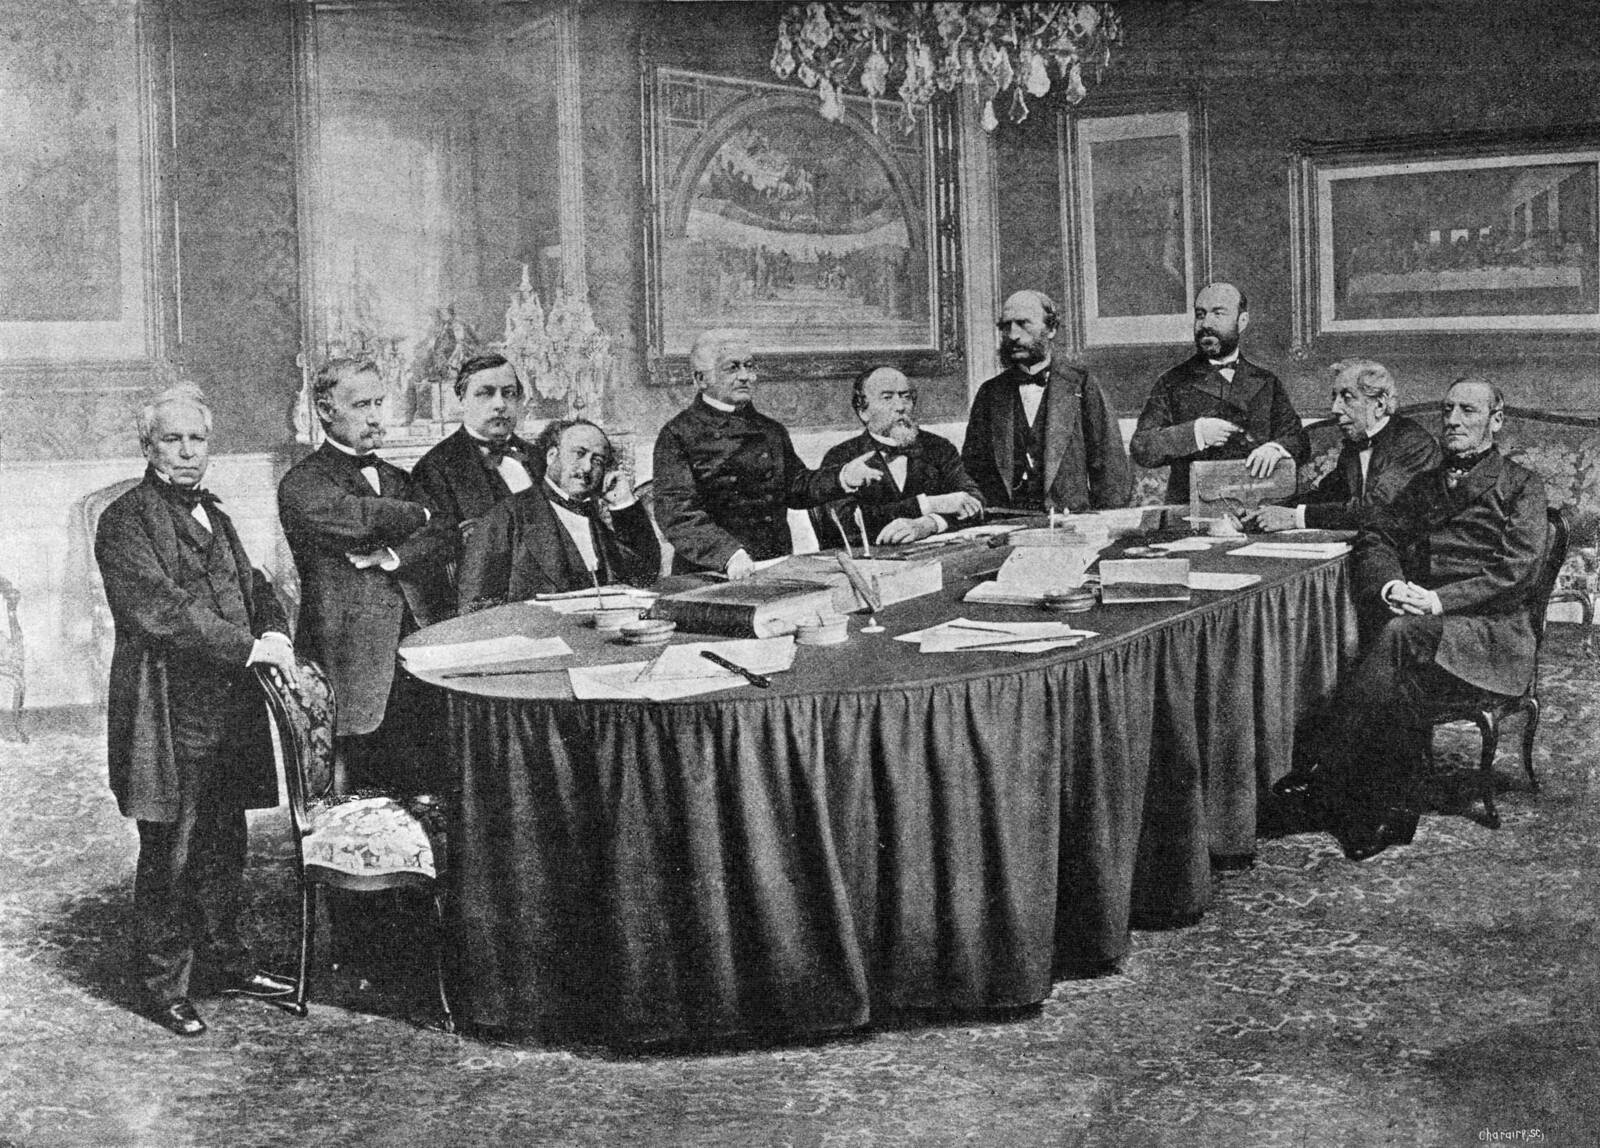 1871. Французский совет министров, Версаль, май